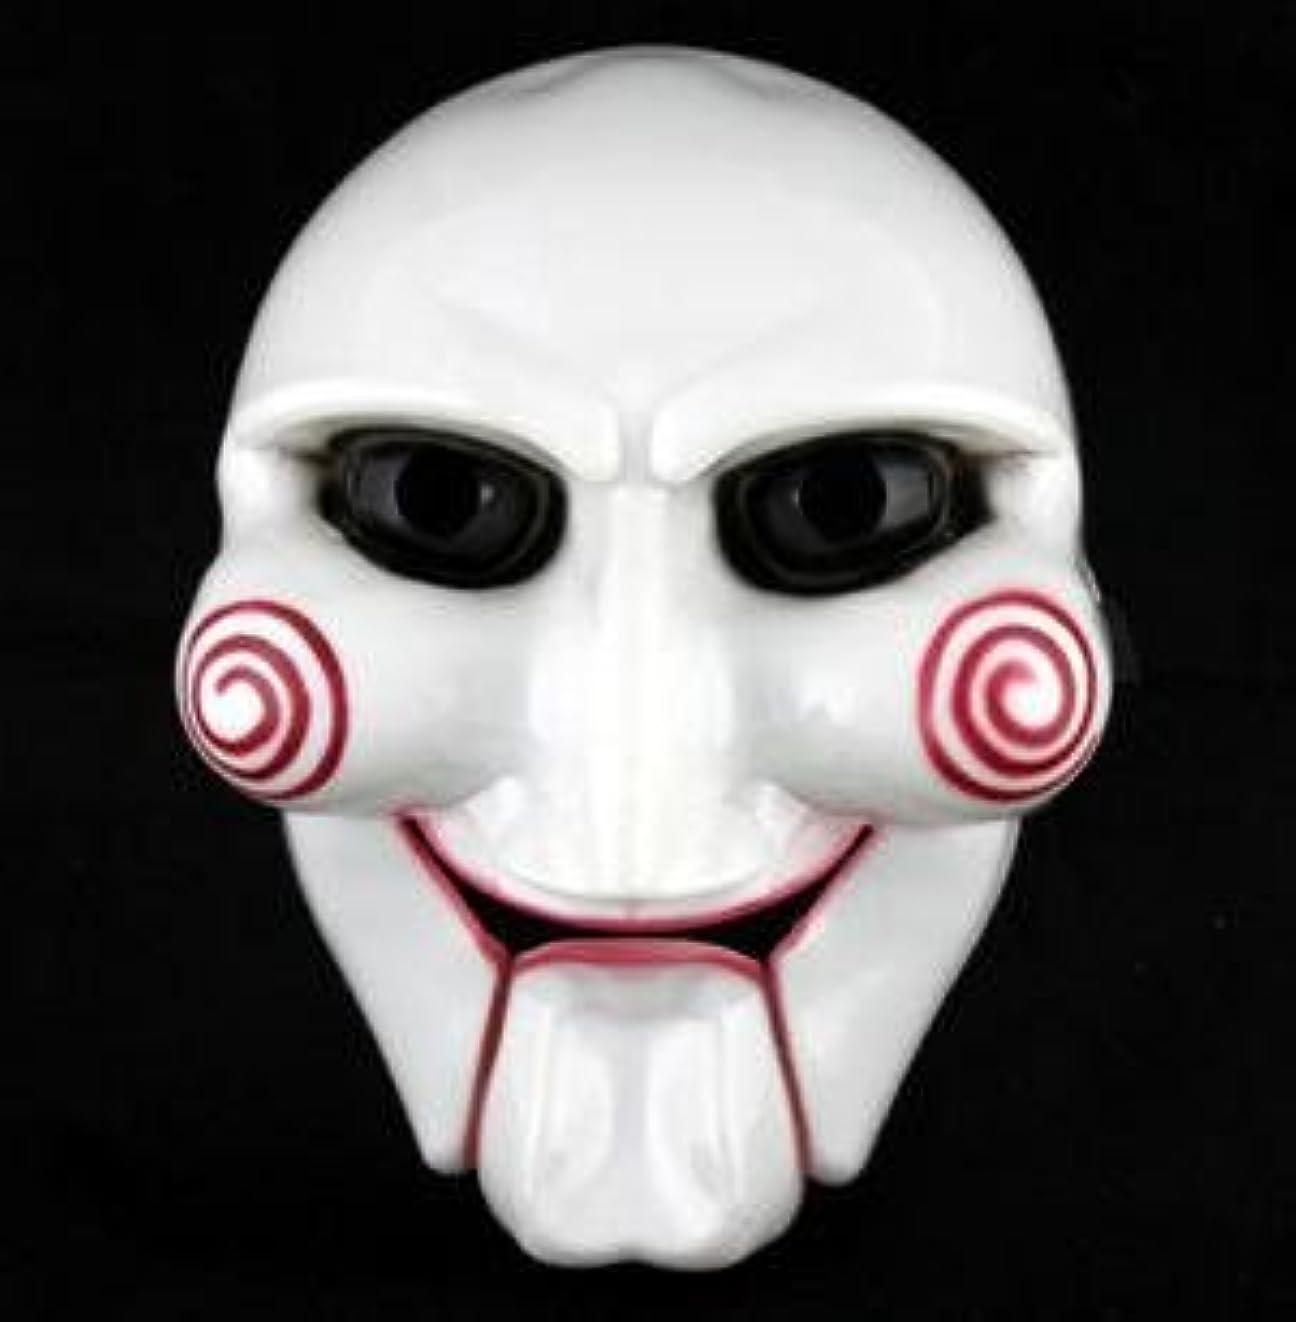 策定するクーポンチェスをするSAW ソウ ビリー人形風 マスク お面 ジグソウ キラー【コスプレ通販】イベントなどで活躍するコス。